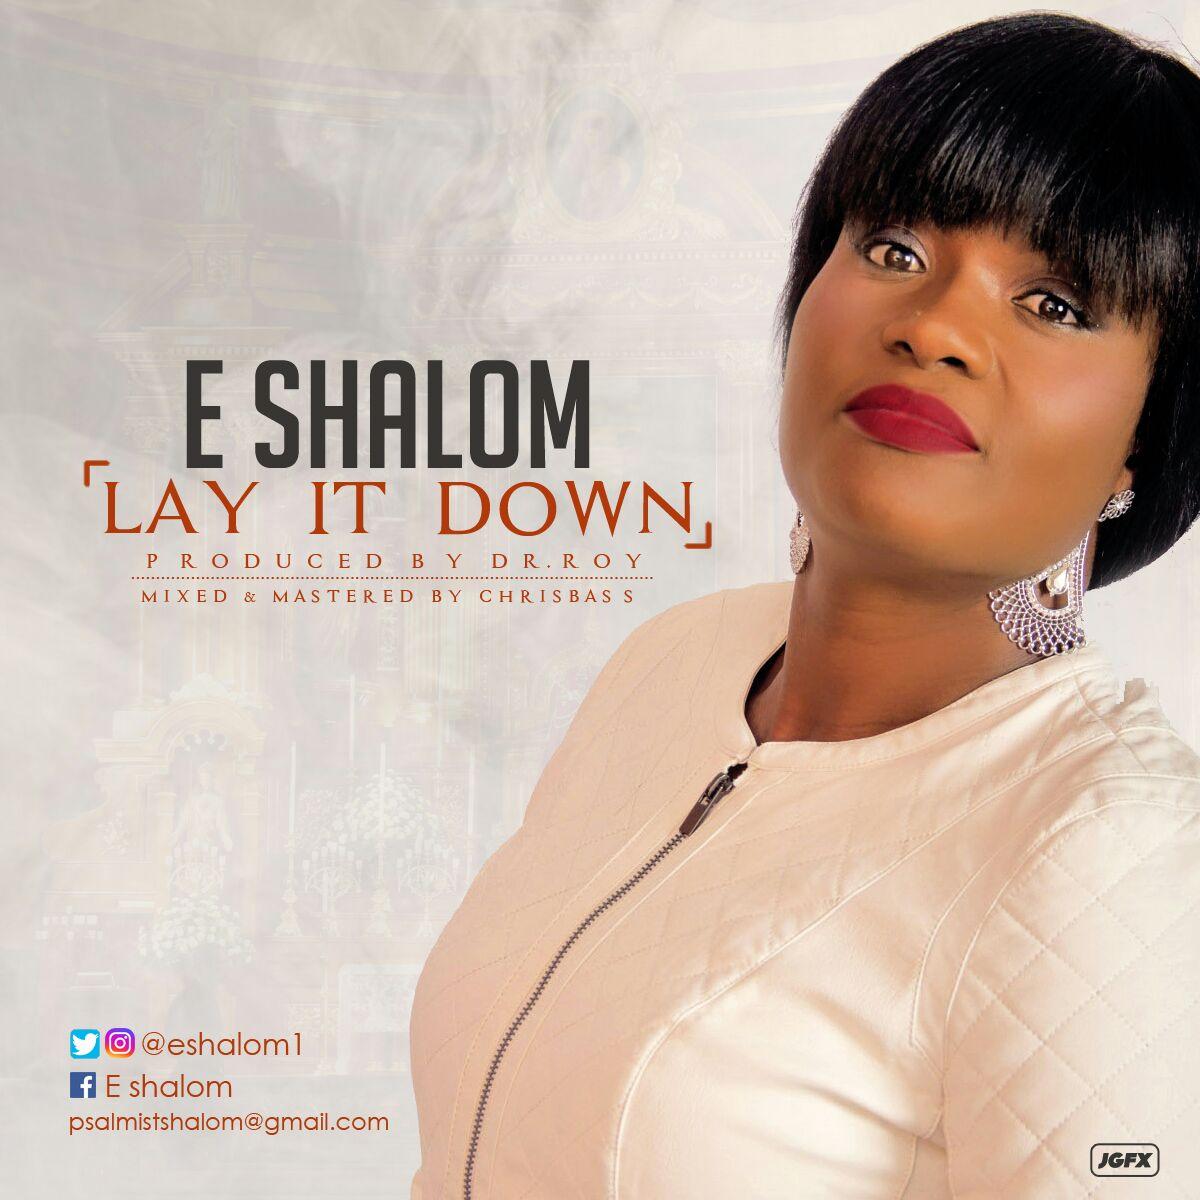 E Shalom